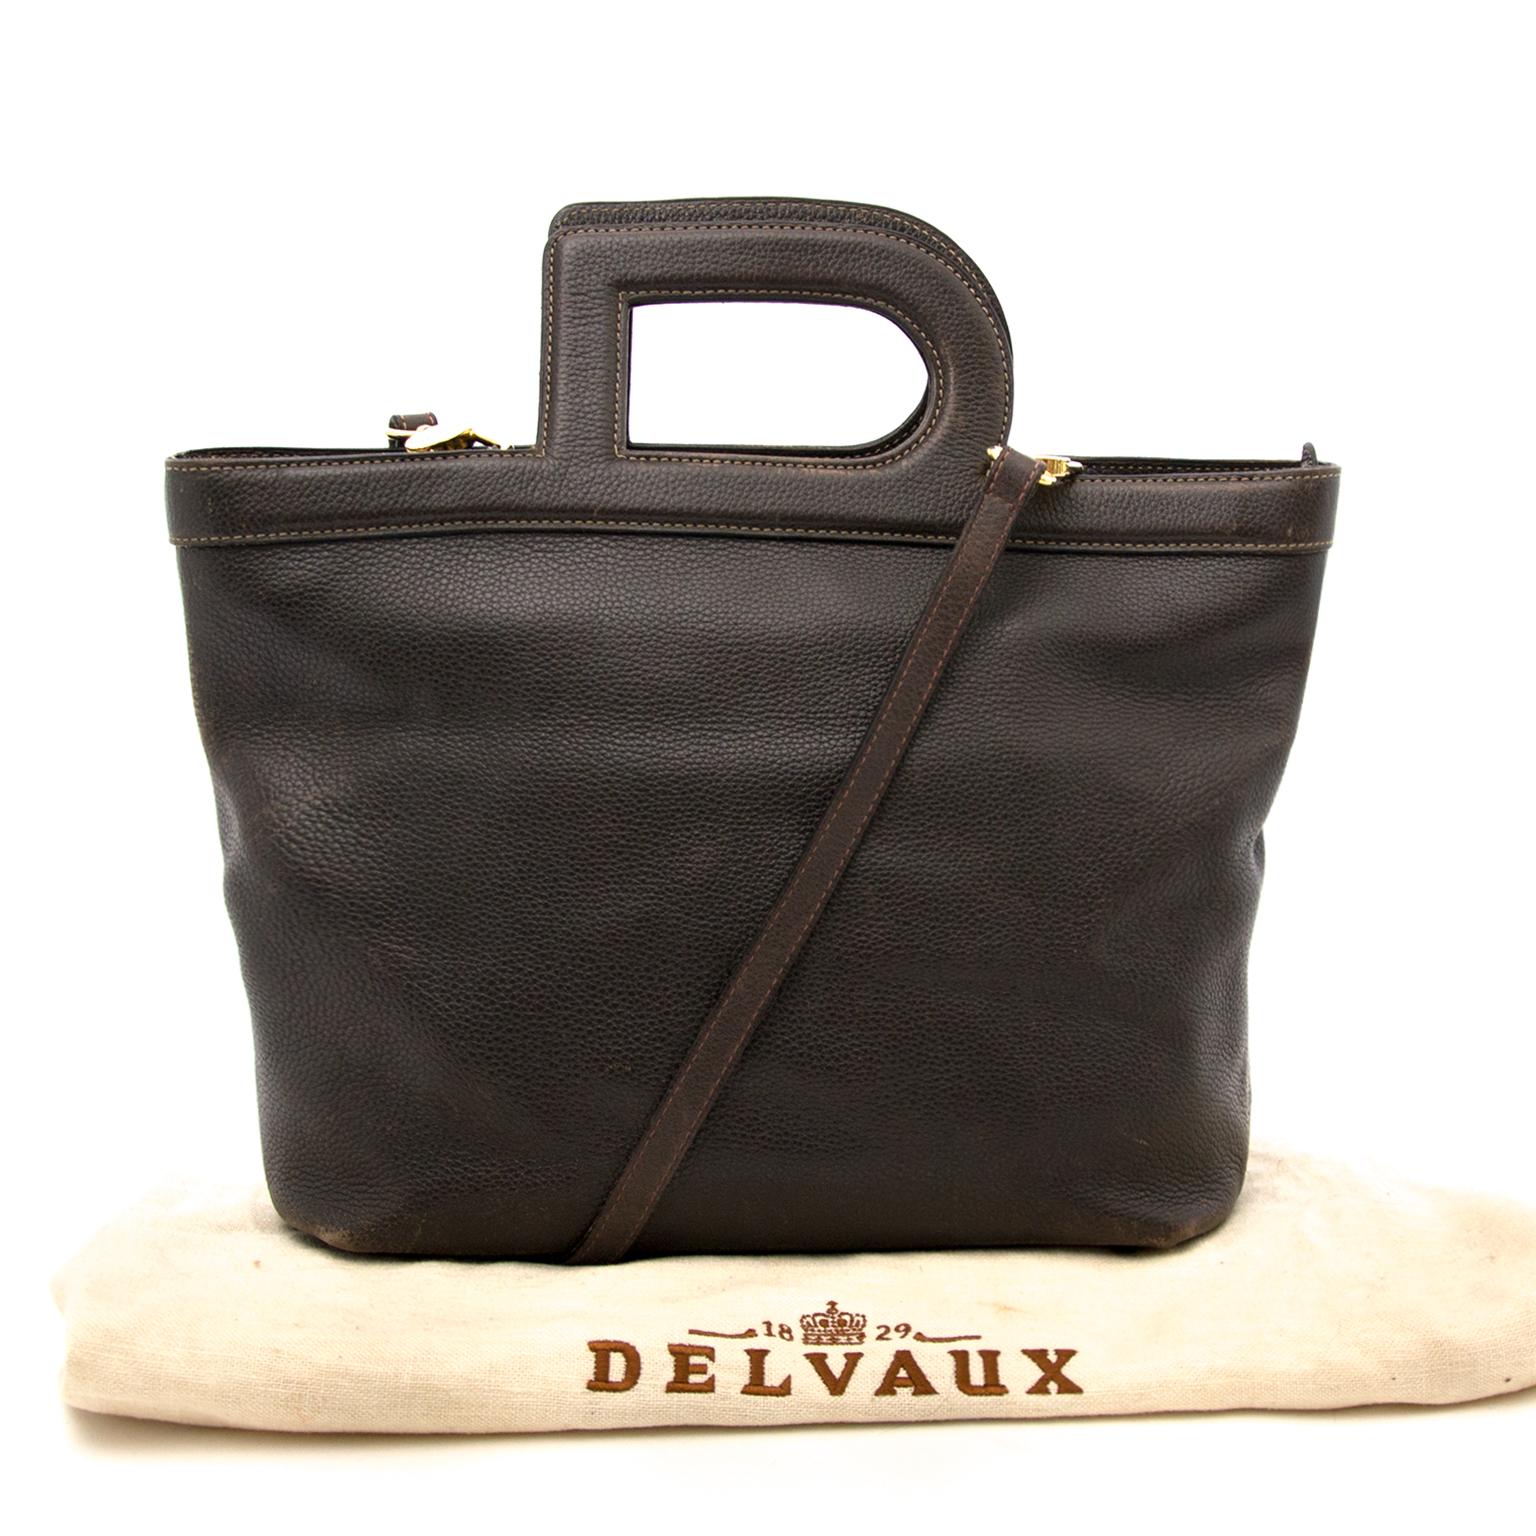 Acheter secur en ligne pour le meilleur prix Delvaux Brown D Top Handle Bag